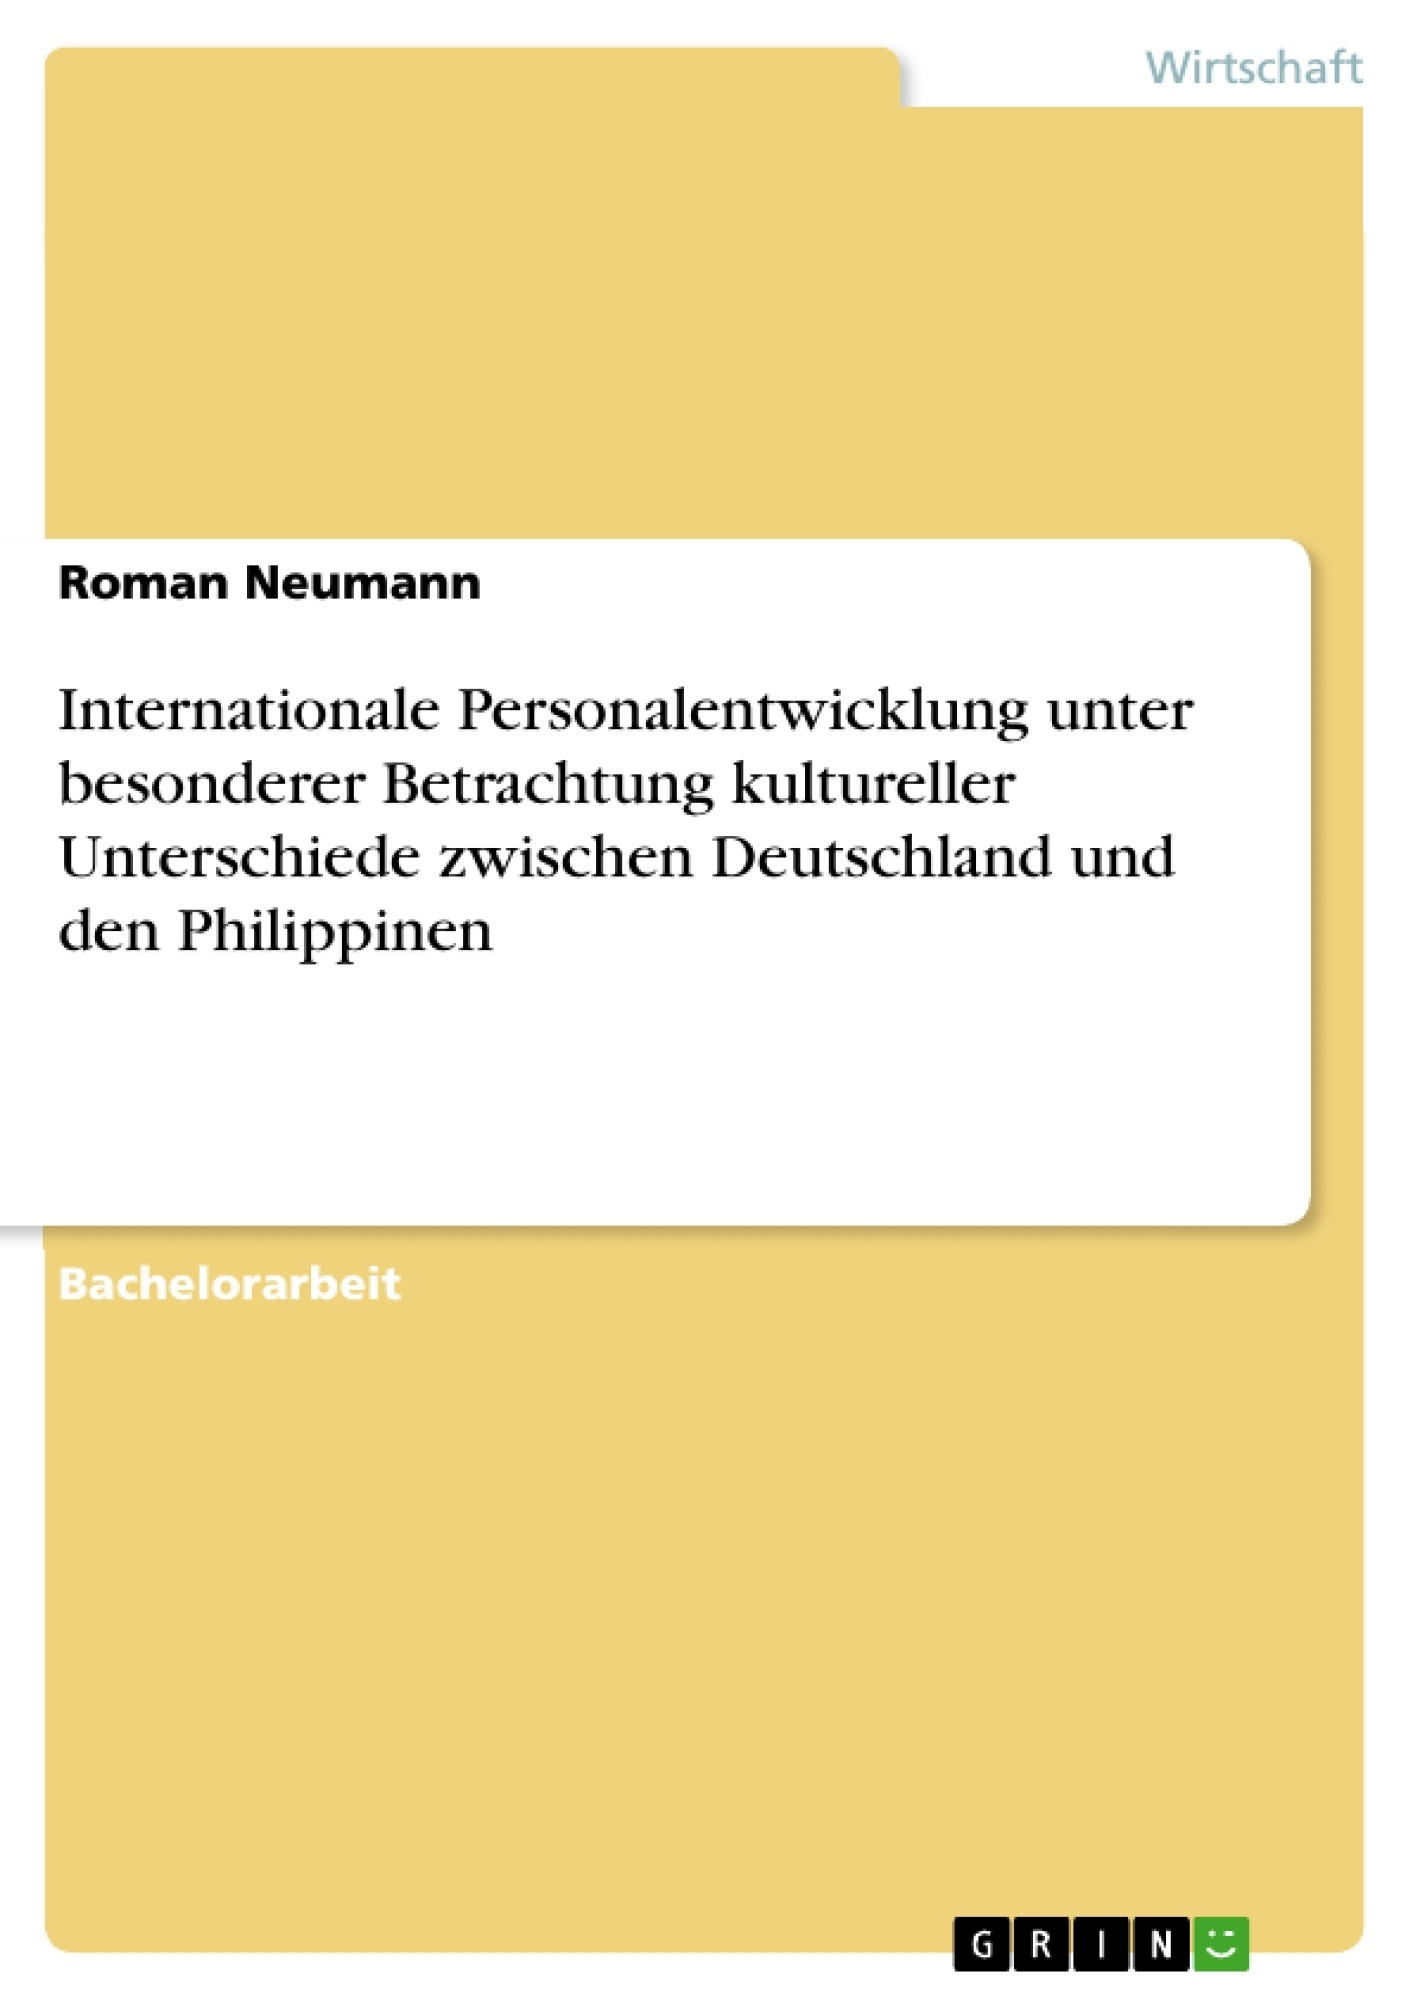 Titel: Internationale Personalentwicklung unter besonderer Betrachtung kultureller Unterschiede zwischen Deutschland und den Philippinen